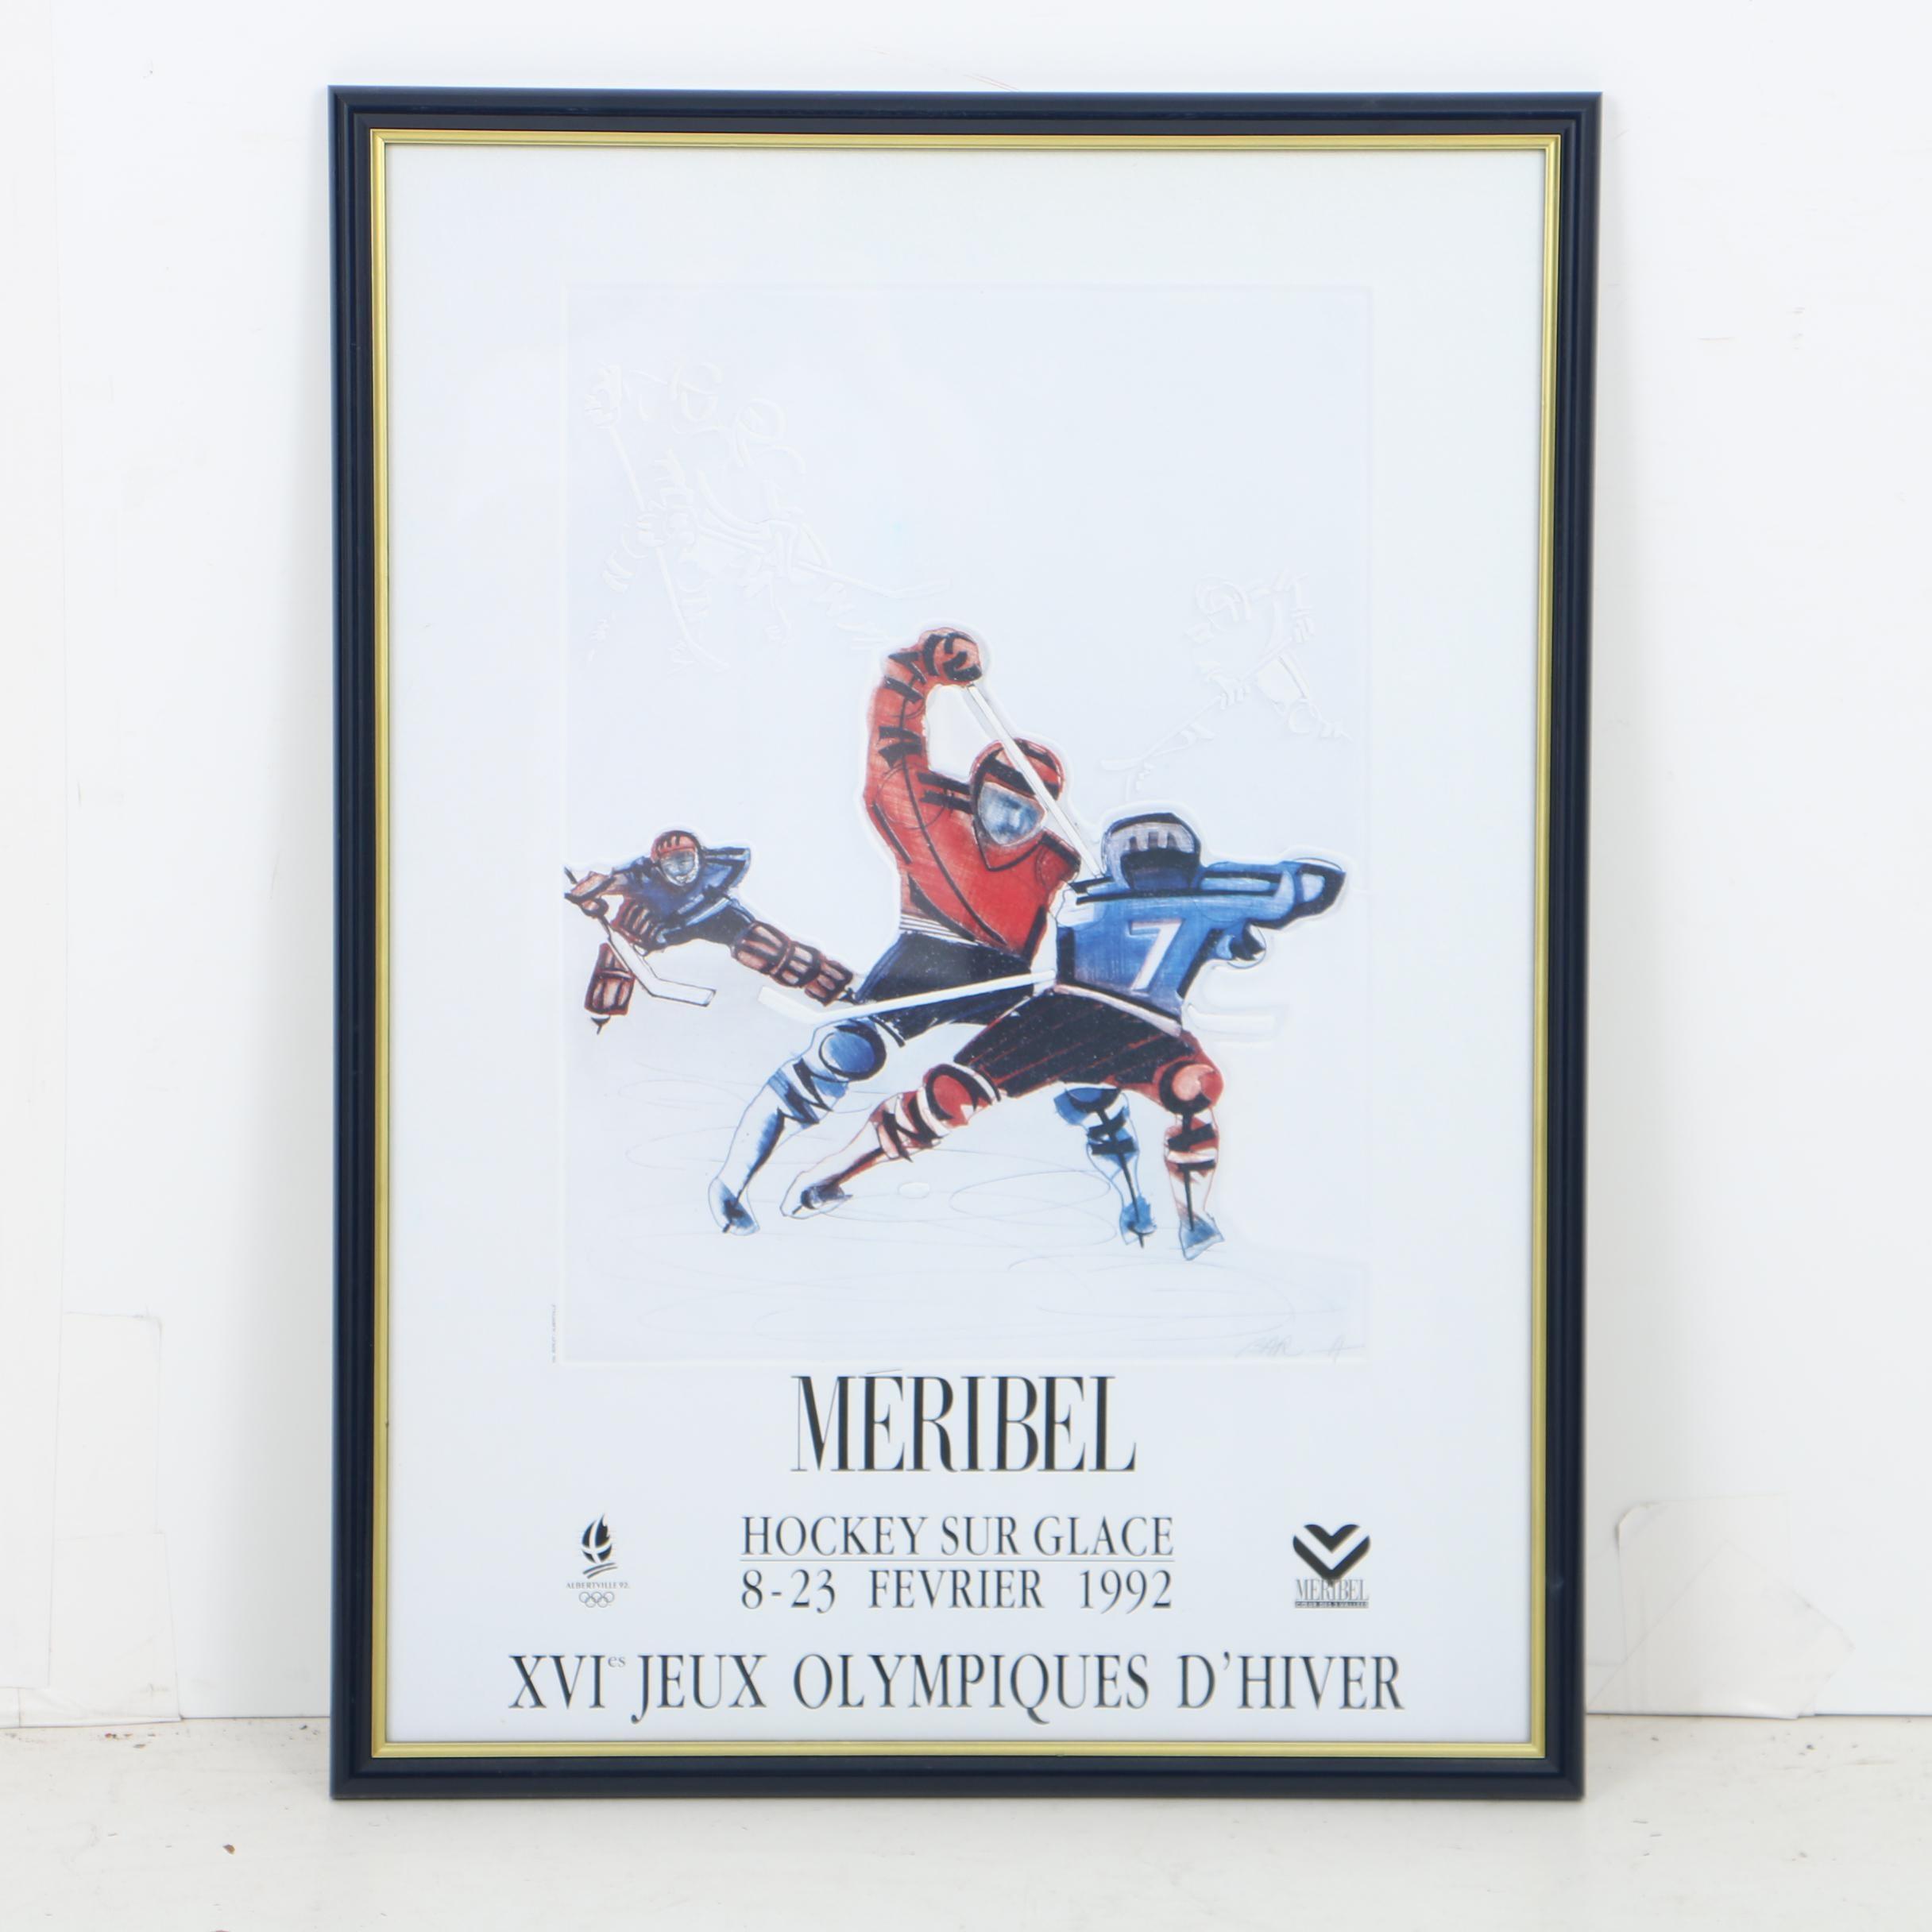 Méribel 1992 Winter Olympics Hockey Poster